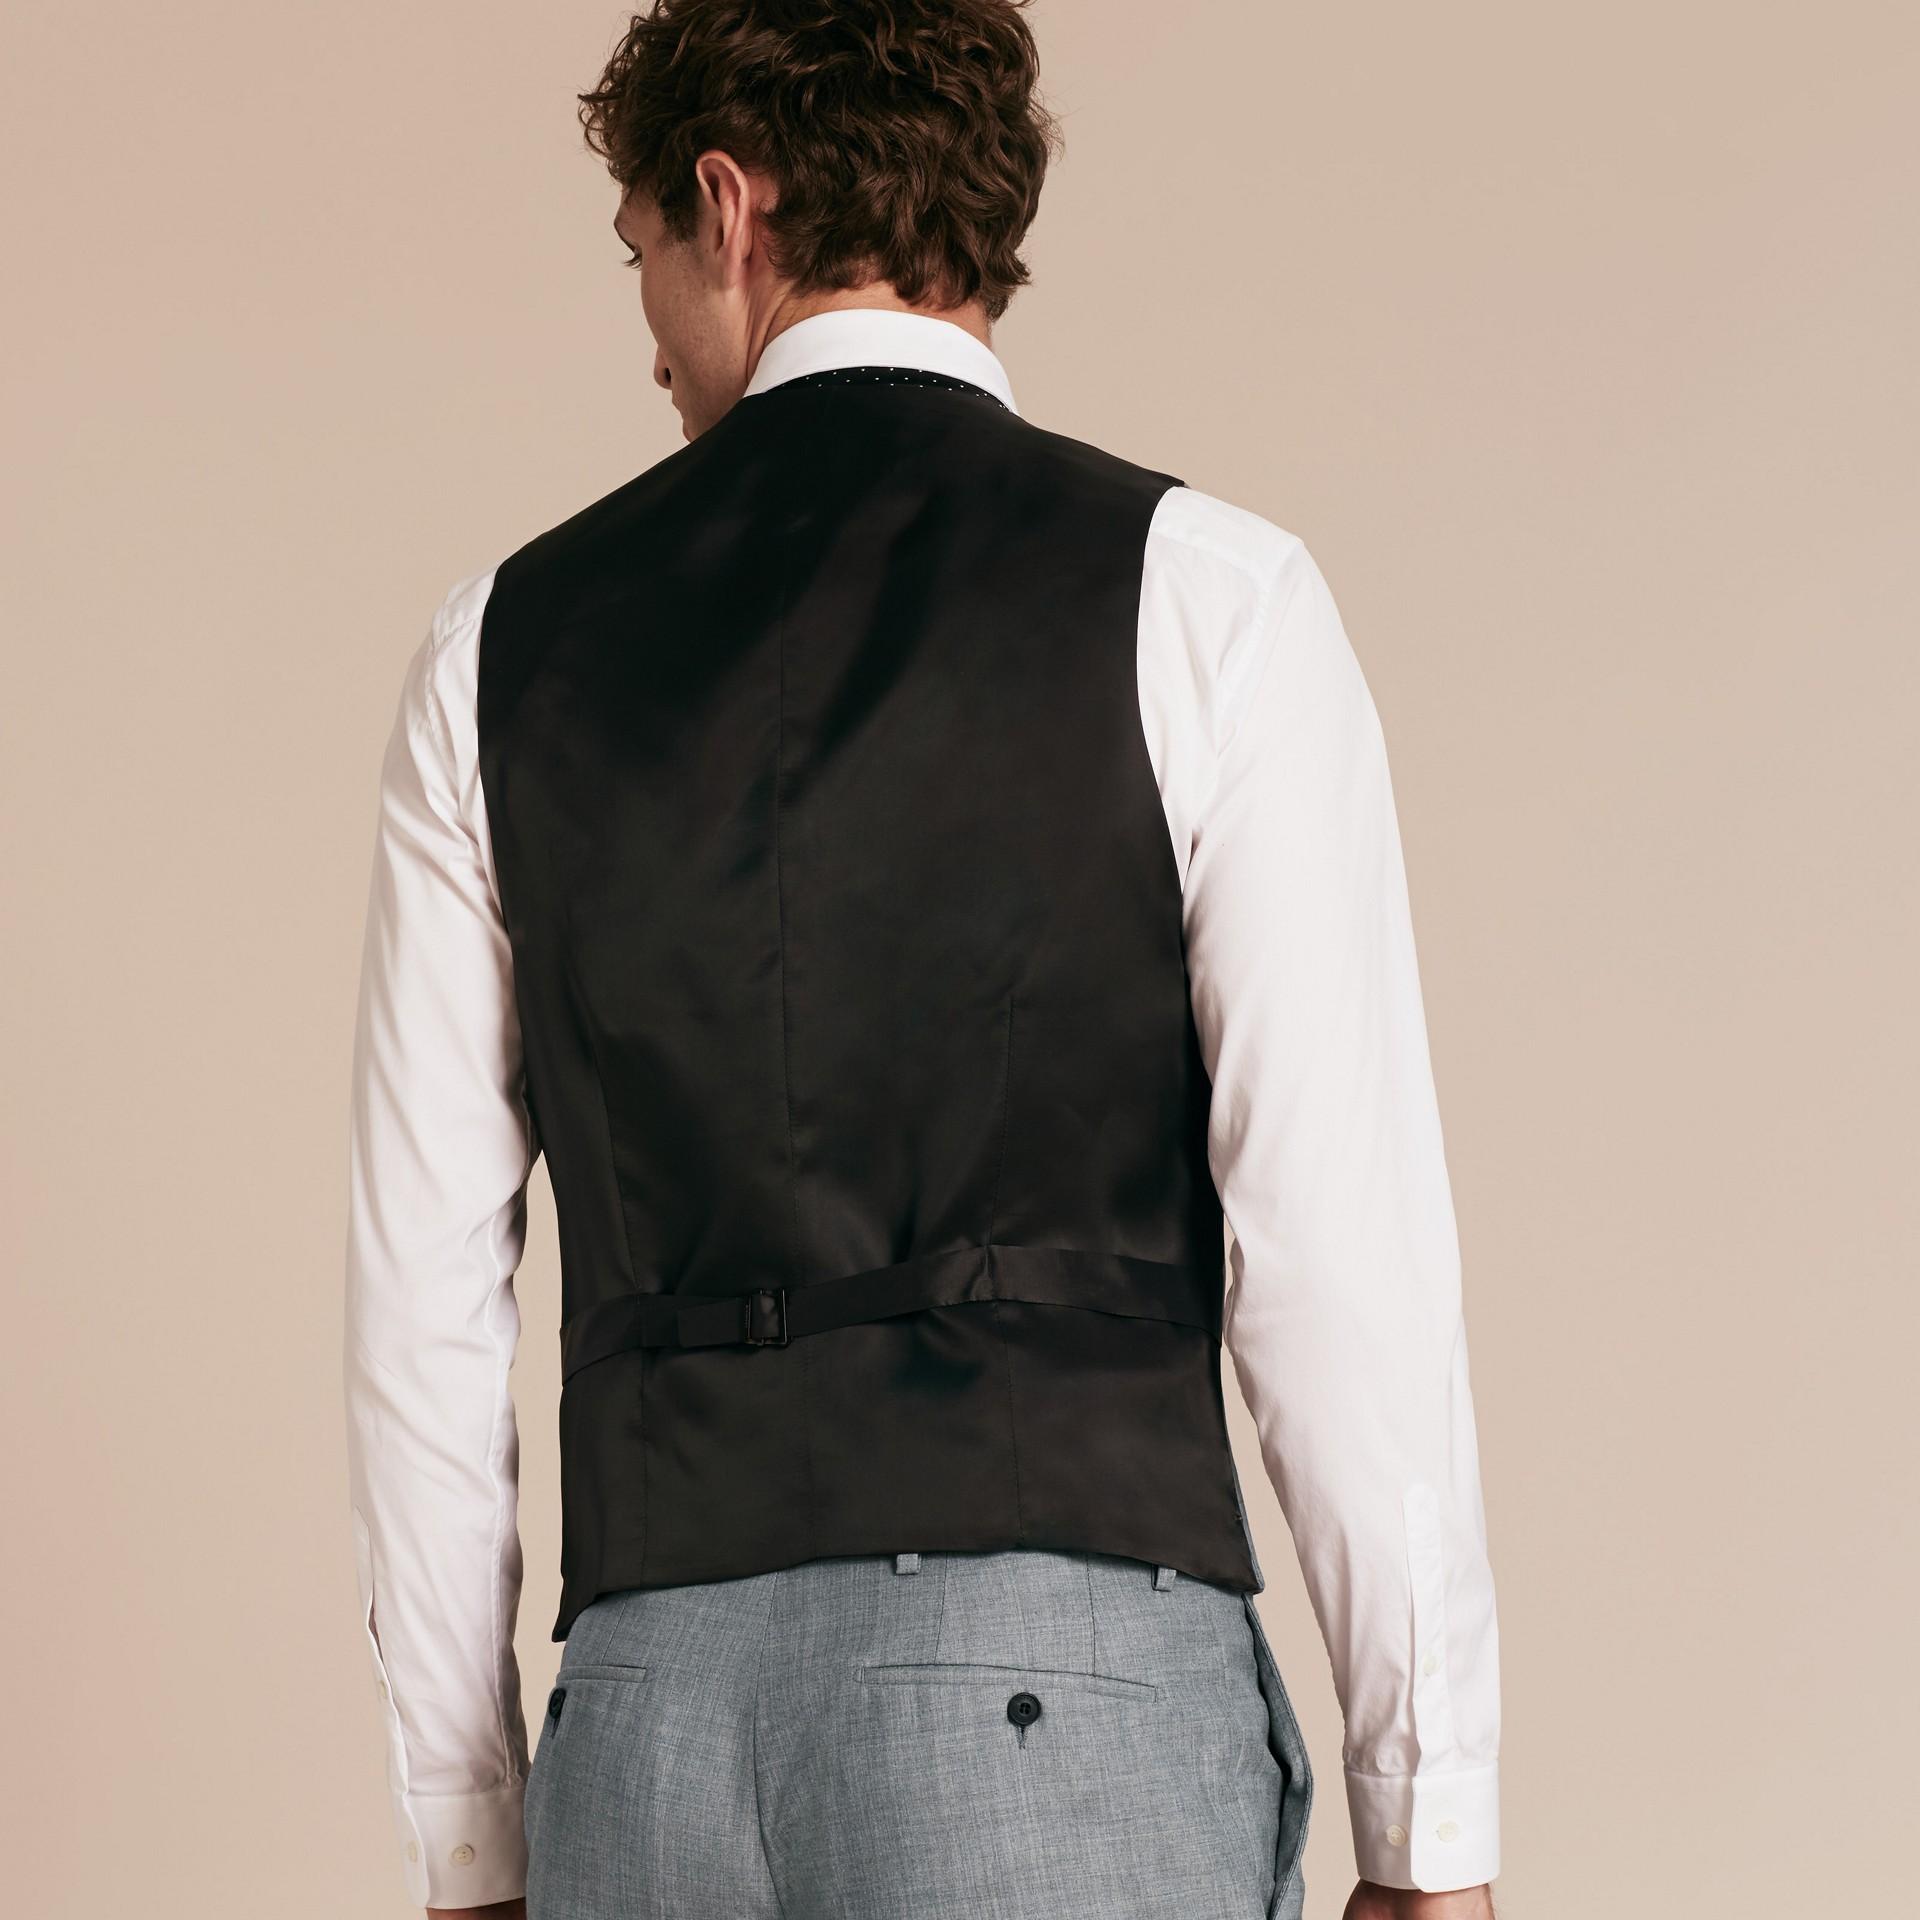 淺混合灰 現代剪裁羊毛與緞面裁片背心 - 圖庫照片 3